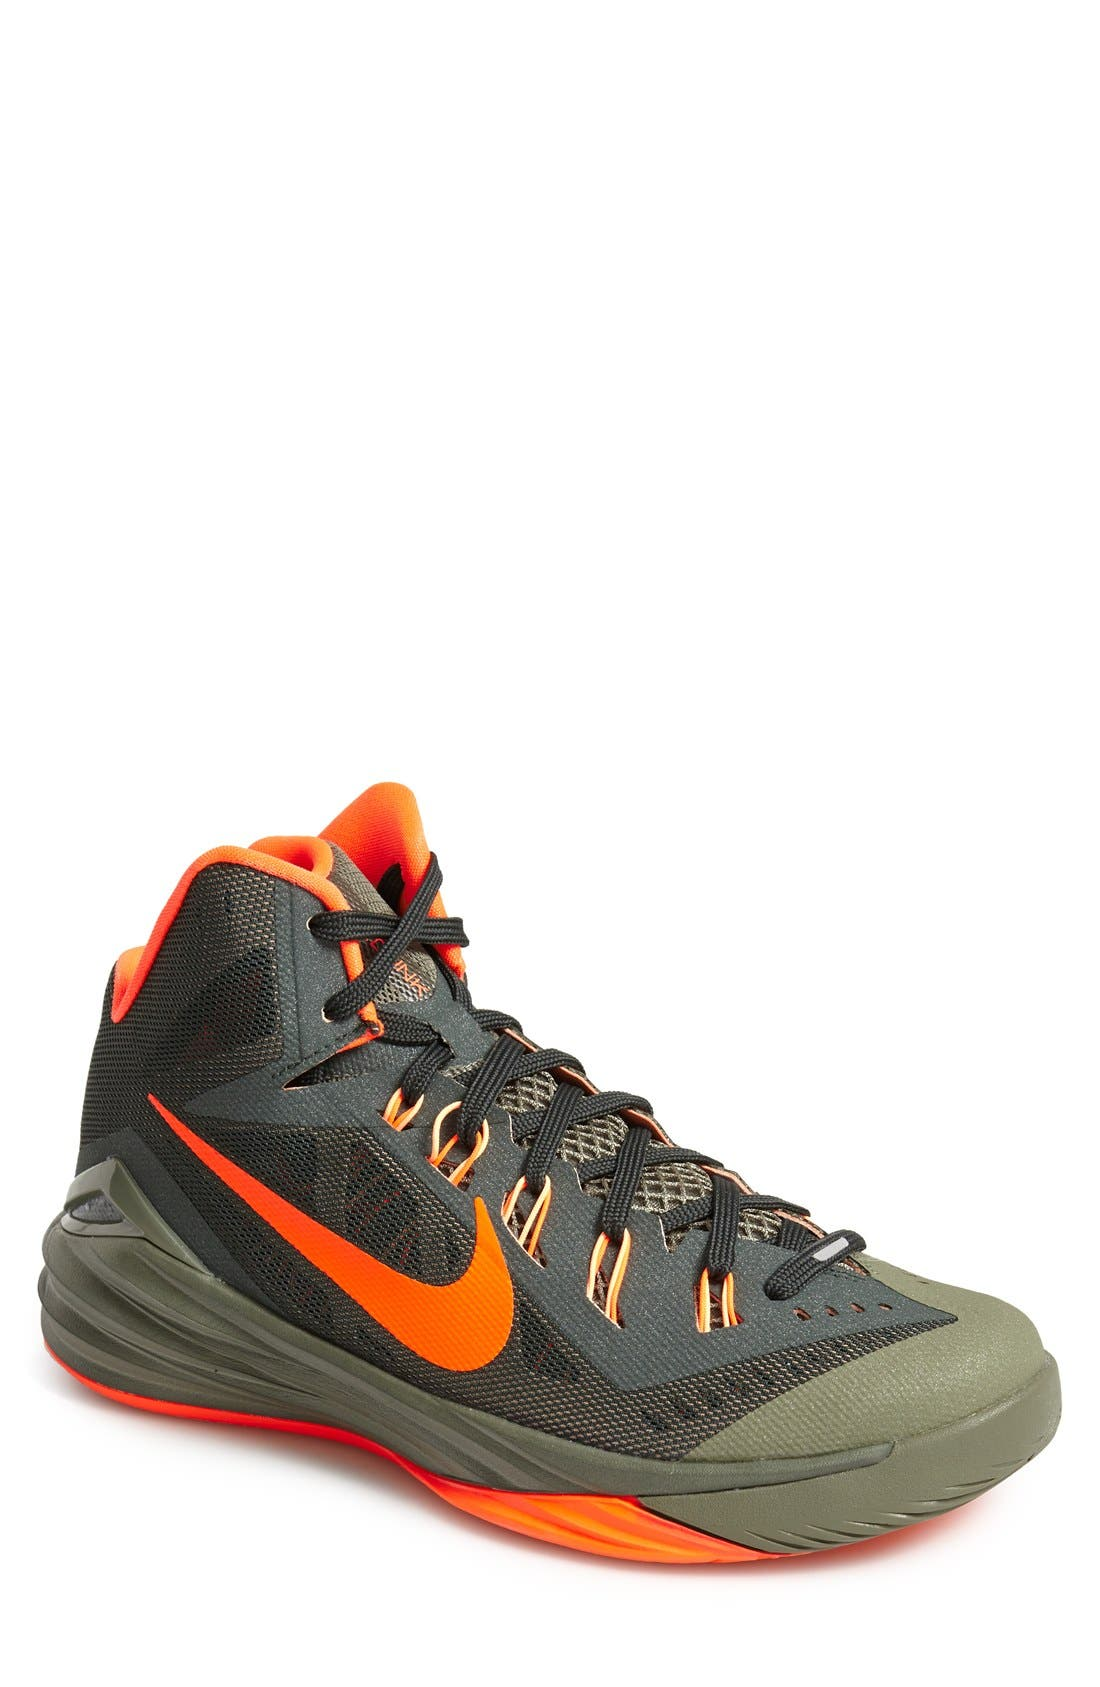 Main Image - Nike 'Hyperdunk 2014' Basketball Shoe (Men)